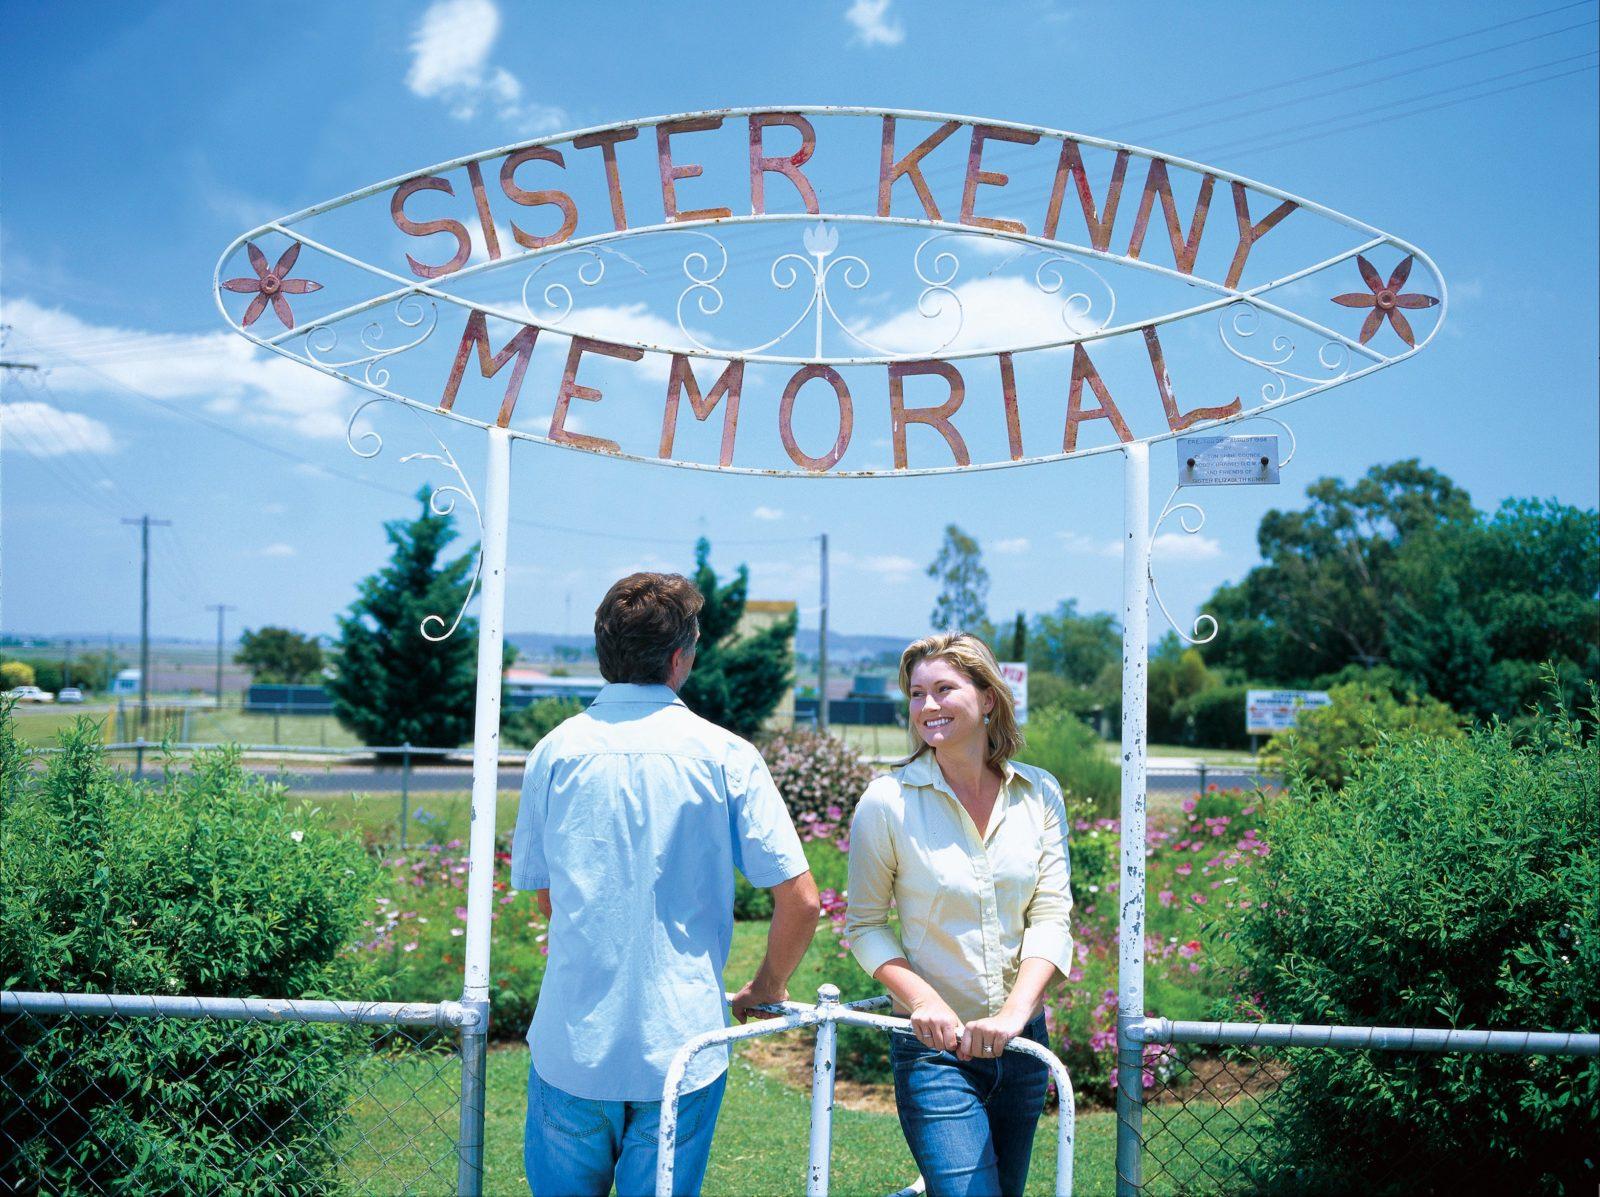 Sister Kenny Memorial